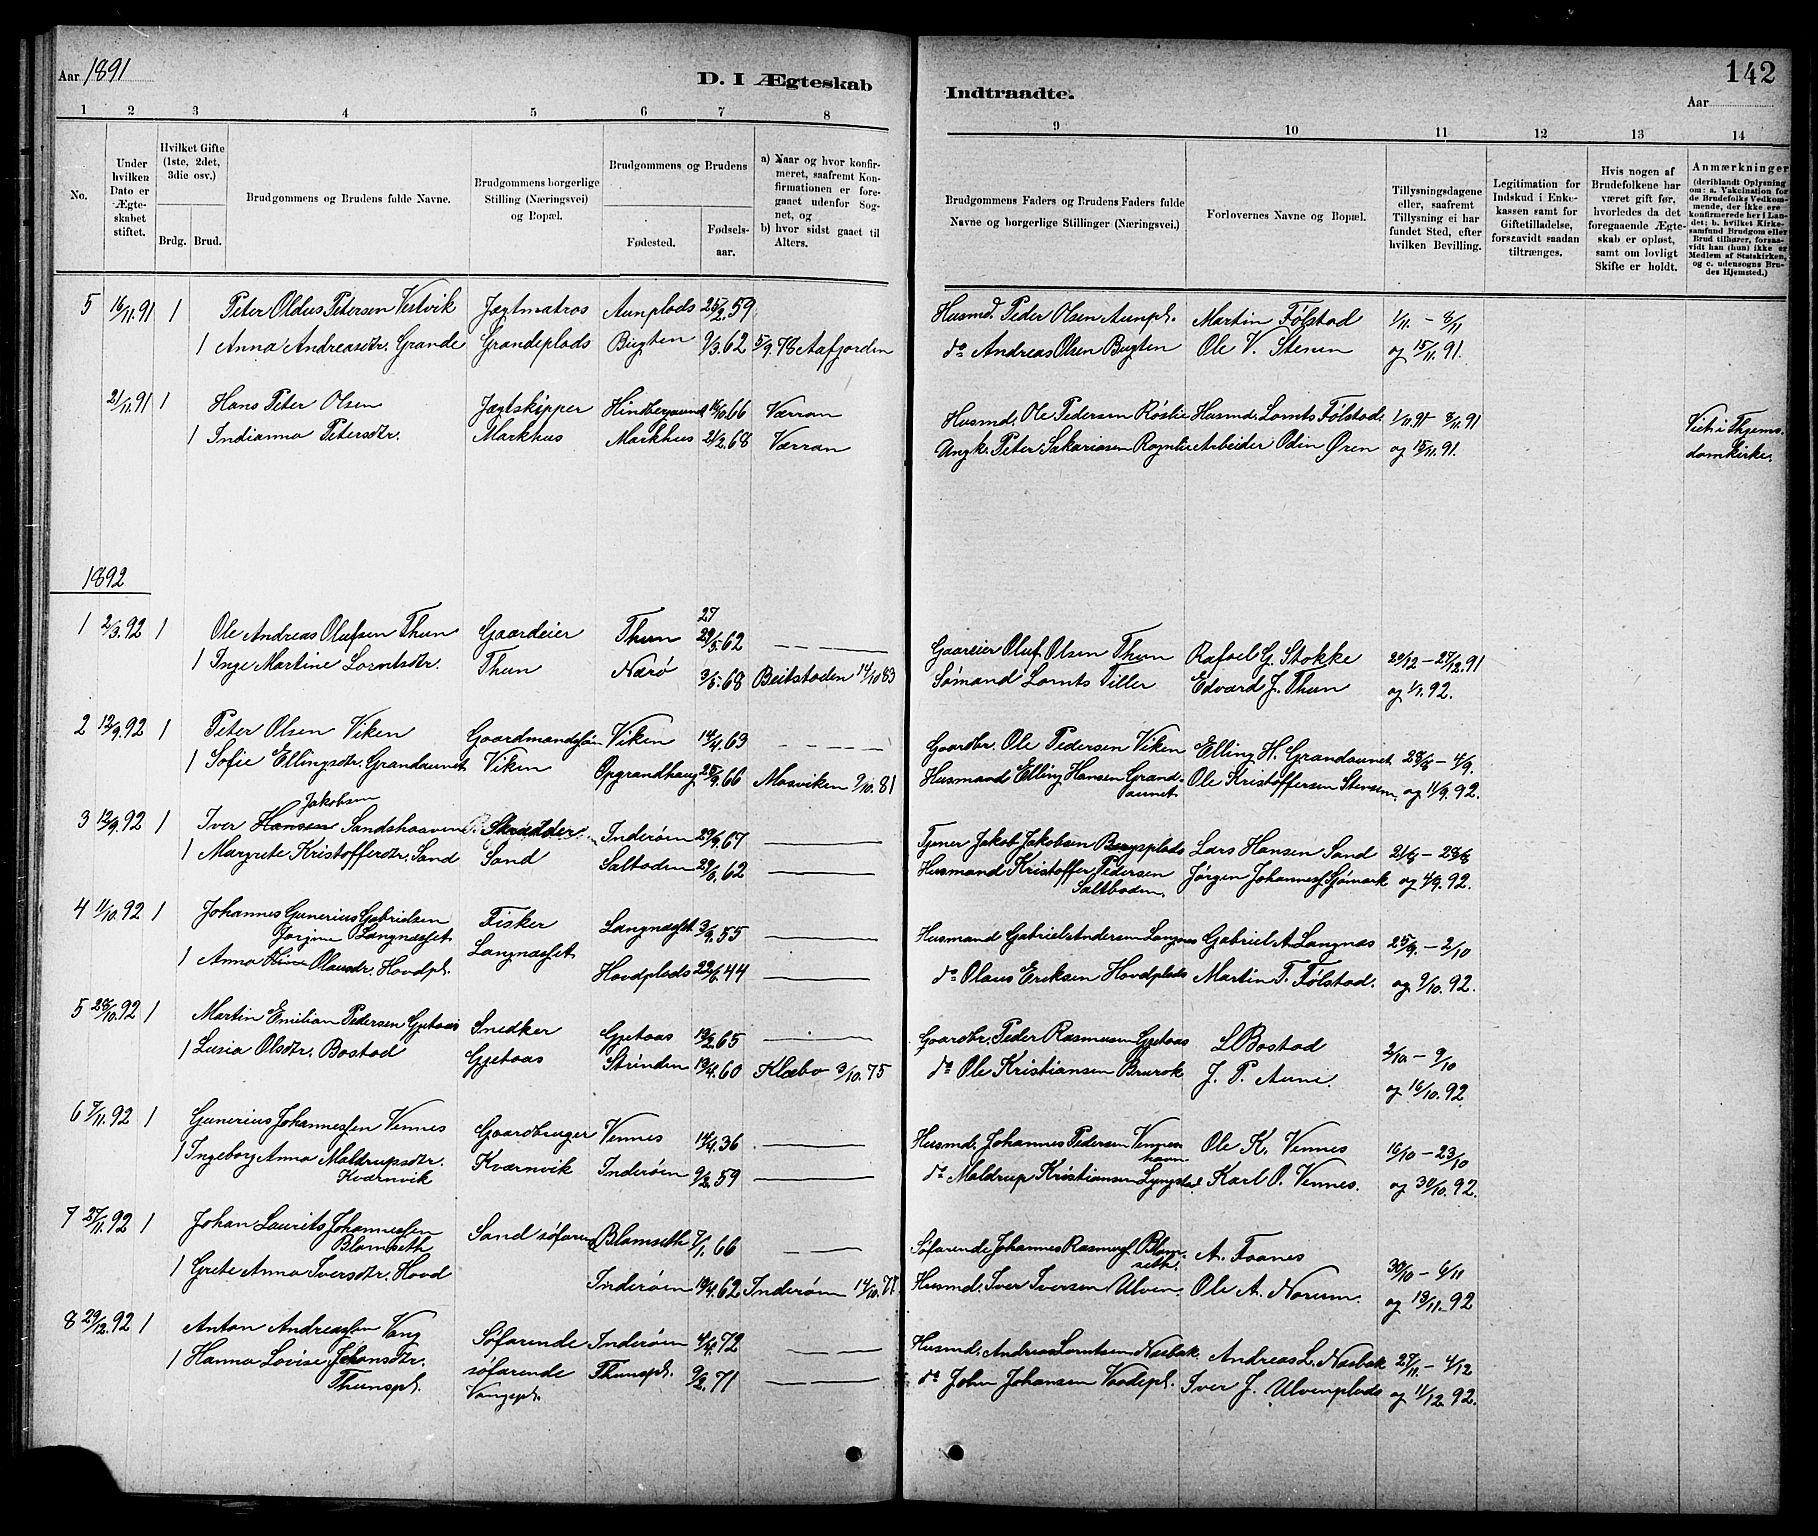 SAT, Ministerialprotokoller, klokkerbøker og fødselsregistre - Nord-Trøndelag, 744/L0423: Klokkerbok nr. 744C02, 1886-1905, s. 142